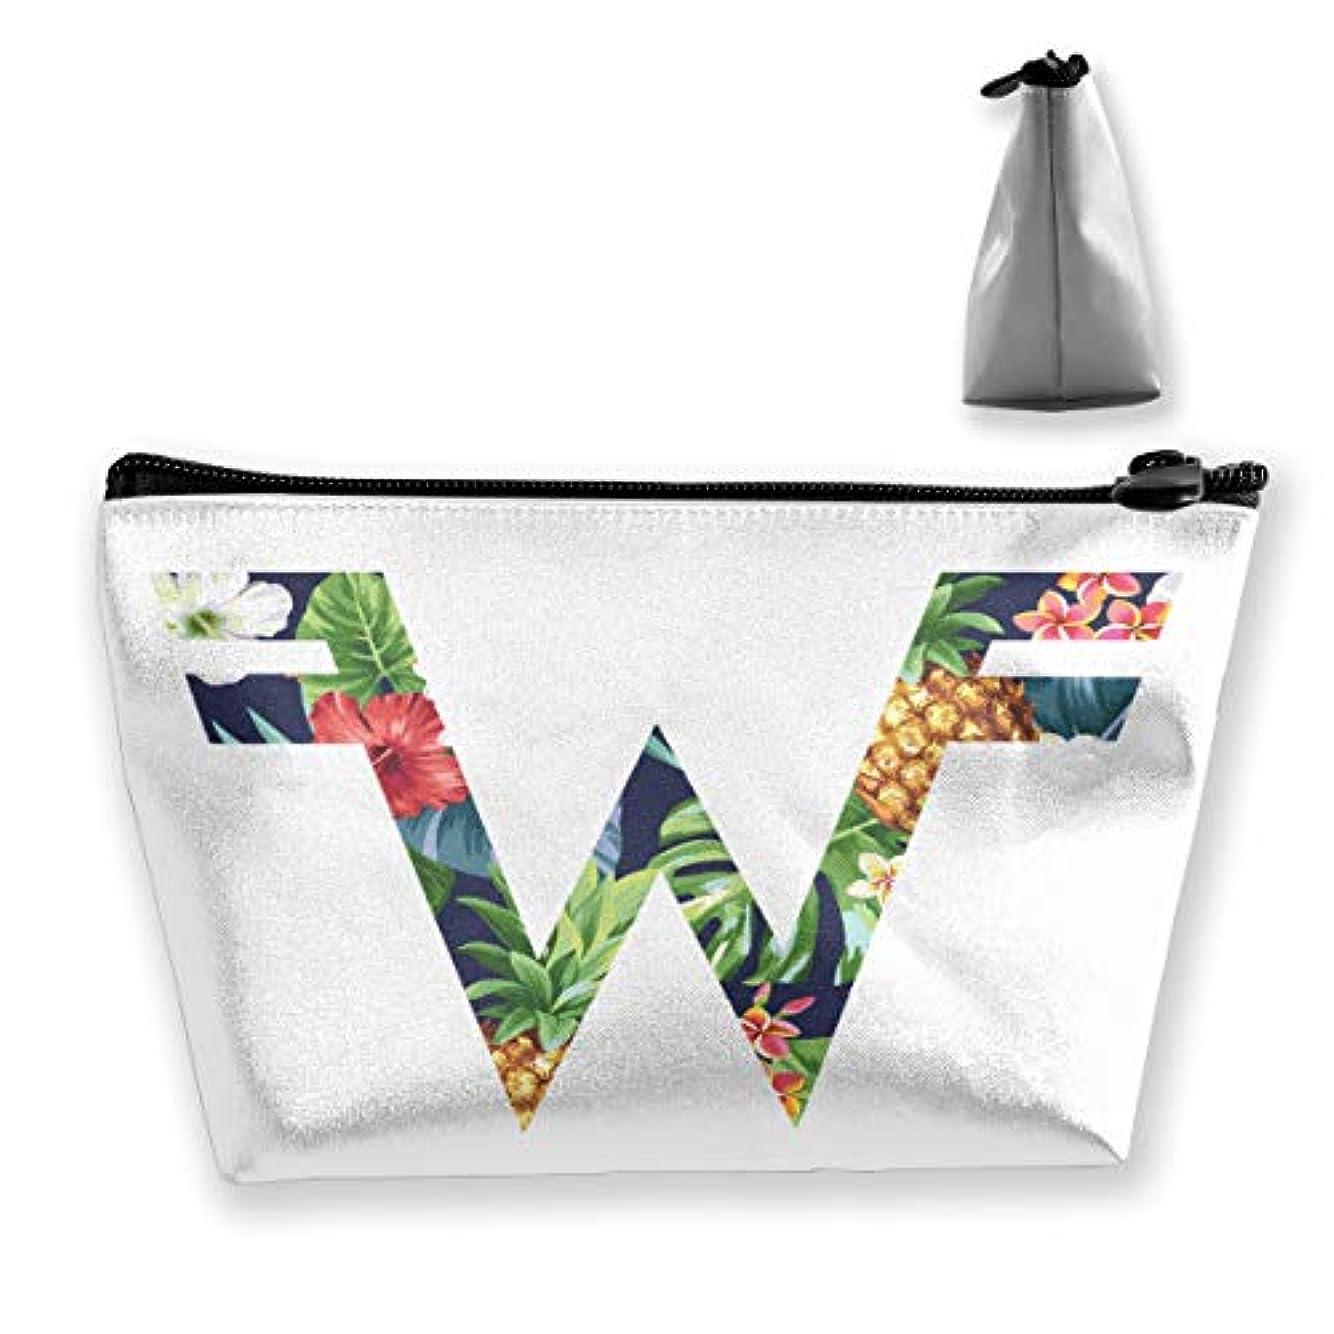 収納袋 コスメポーチ 筆箱 台形 化粧品入れ 高級品 軽い 大容量 普段使い 学生 サラリーマン 出張 スポーツ 多機能 贈り物 Weezer Logo 花柄